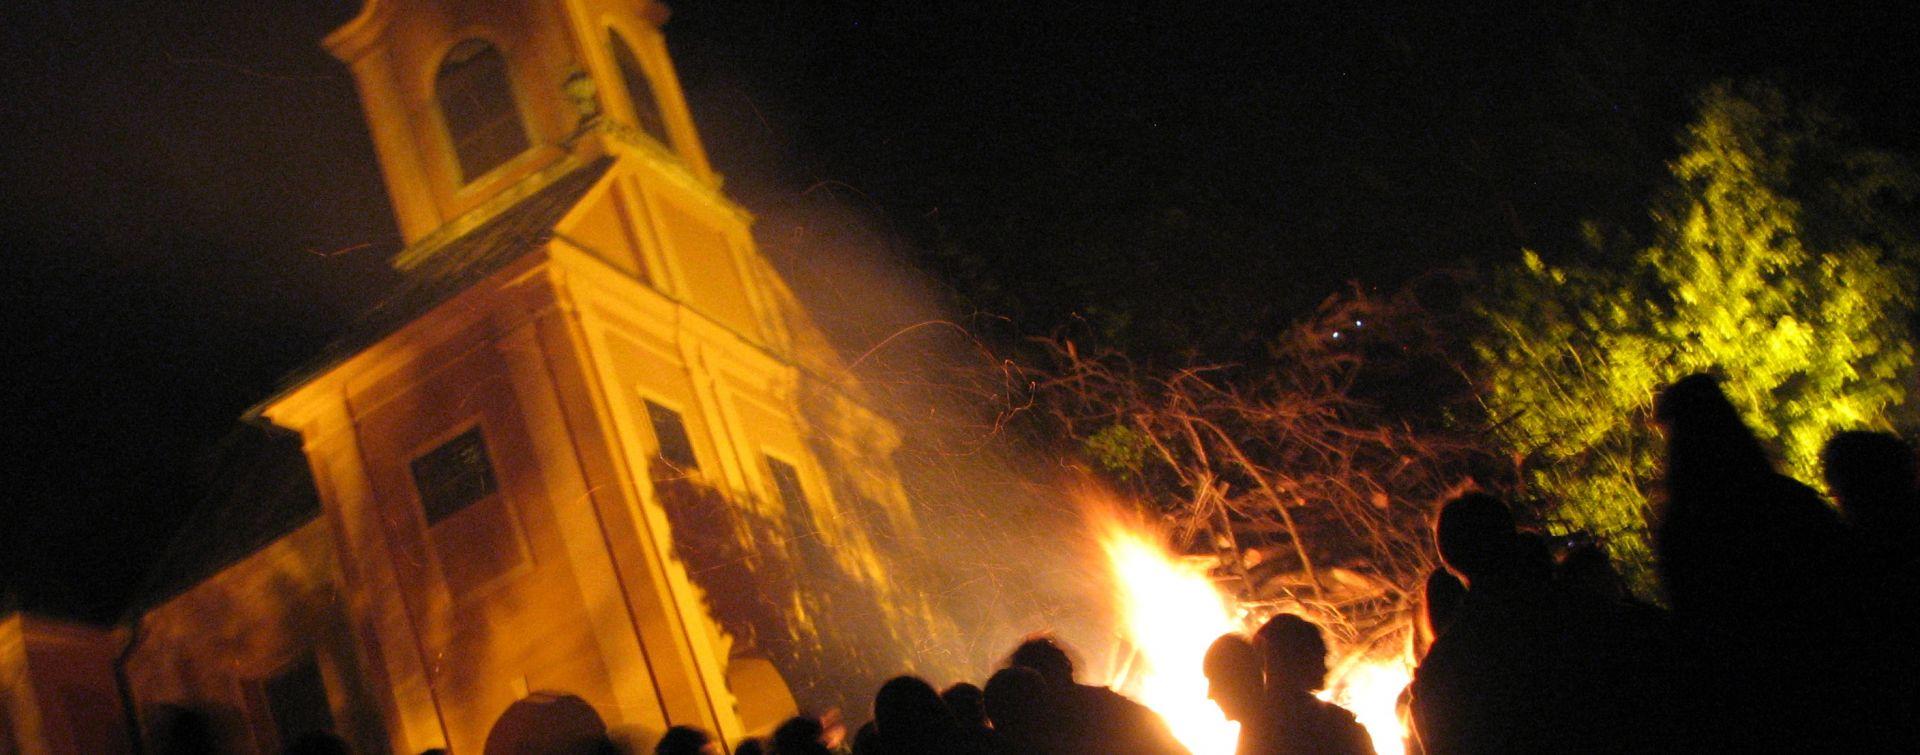 Lighting bonfires Ljubljana